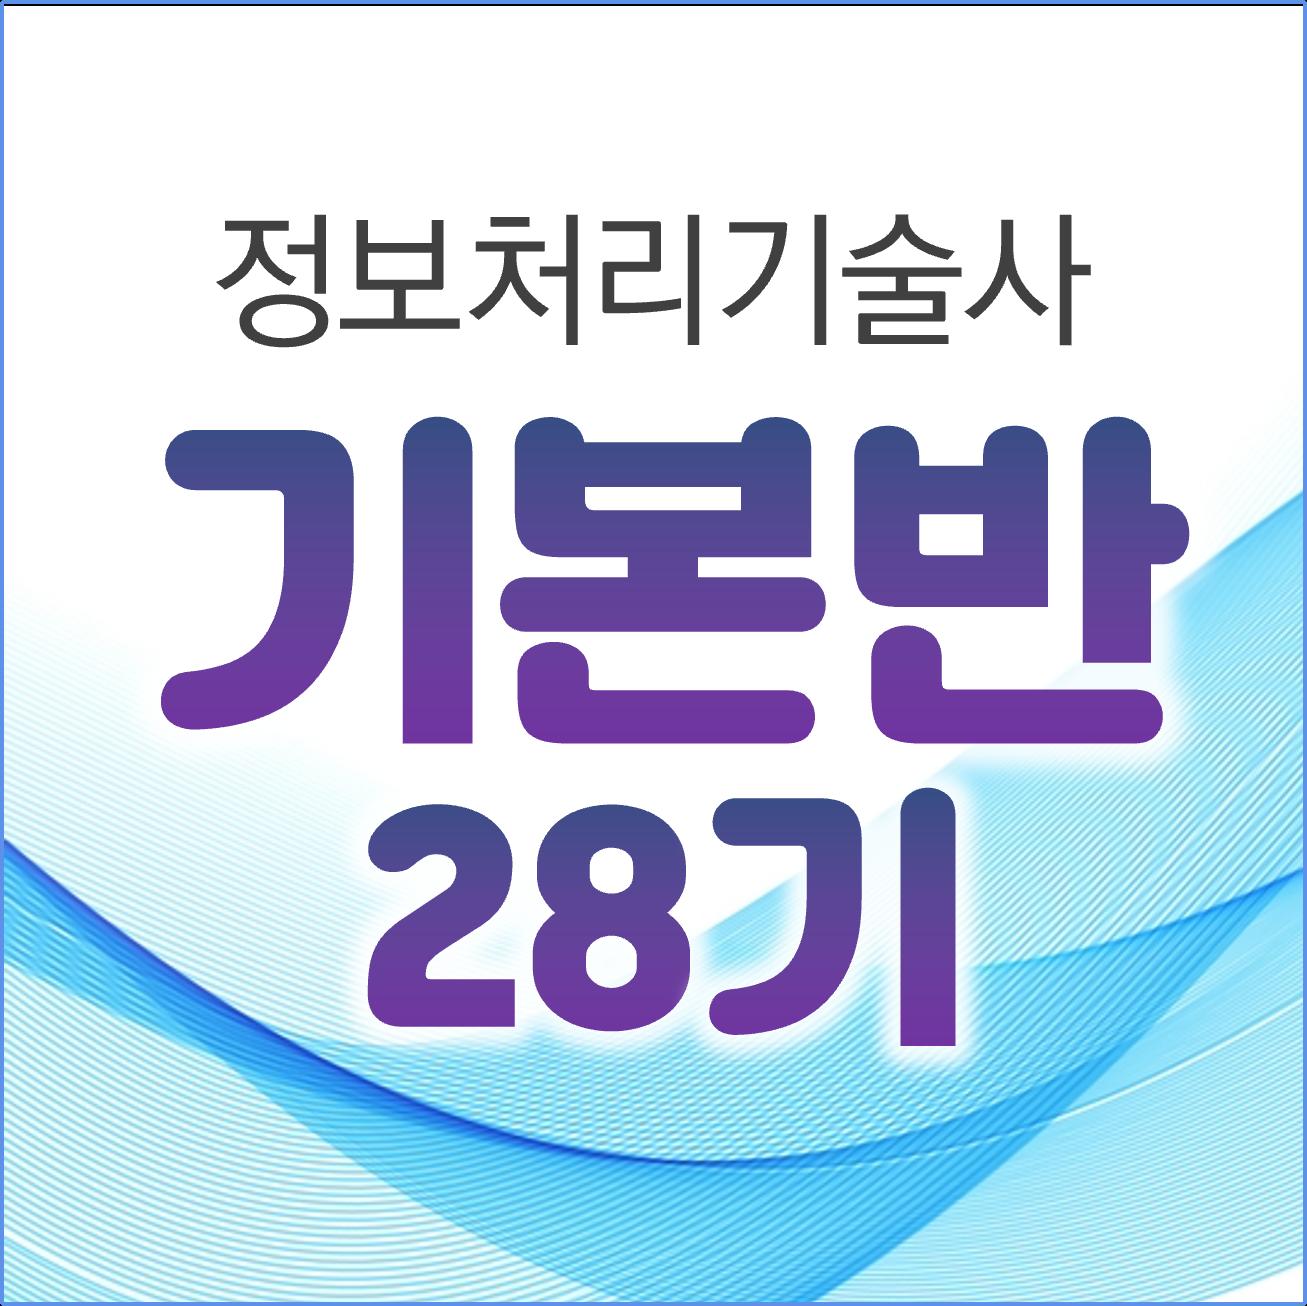 [정보처리기술사-기본] 기본반 28기(함윤식PE)